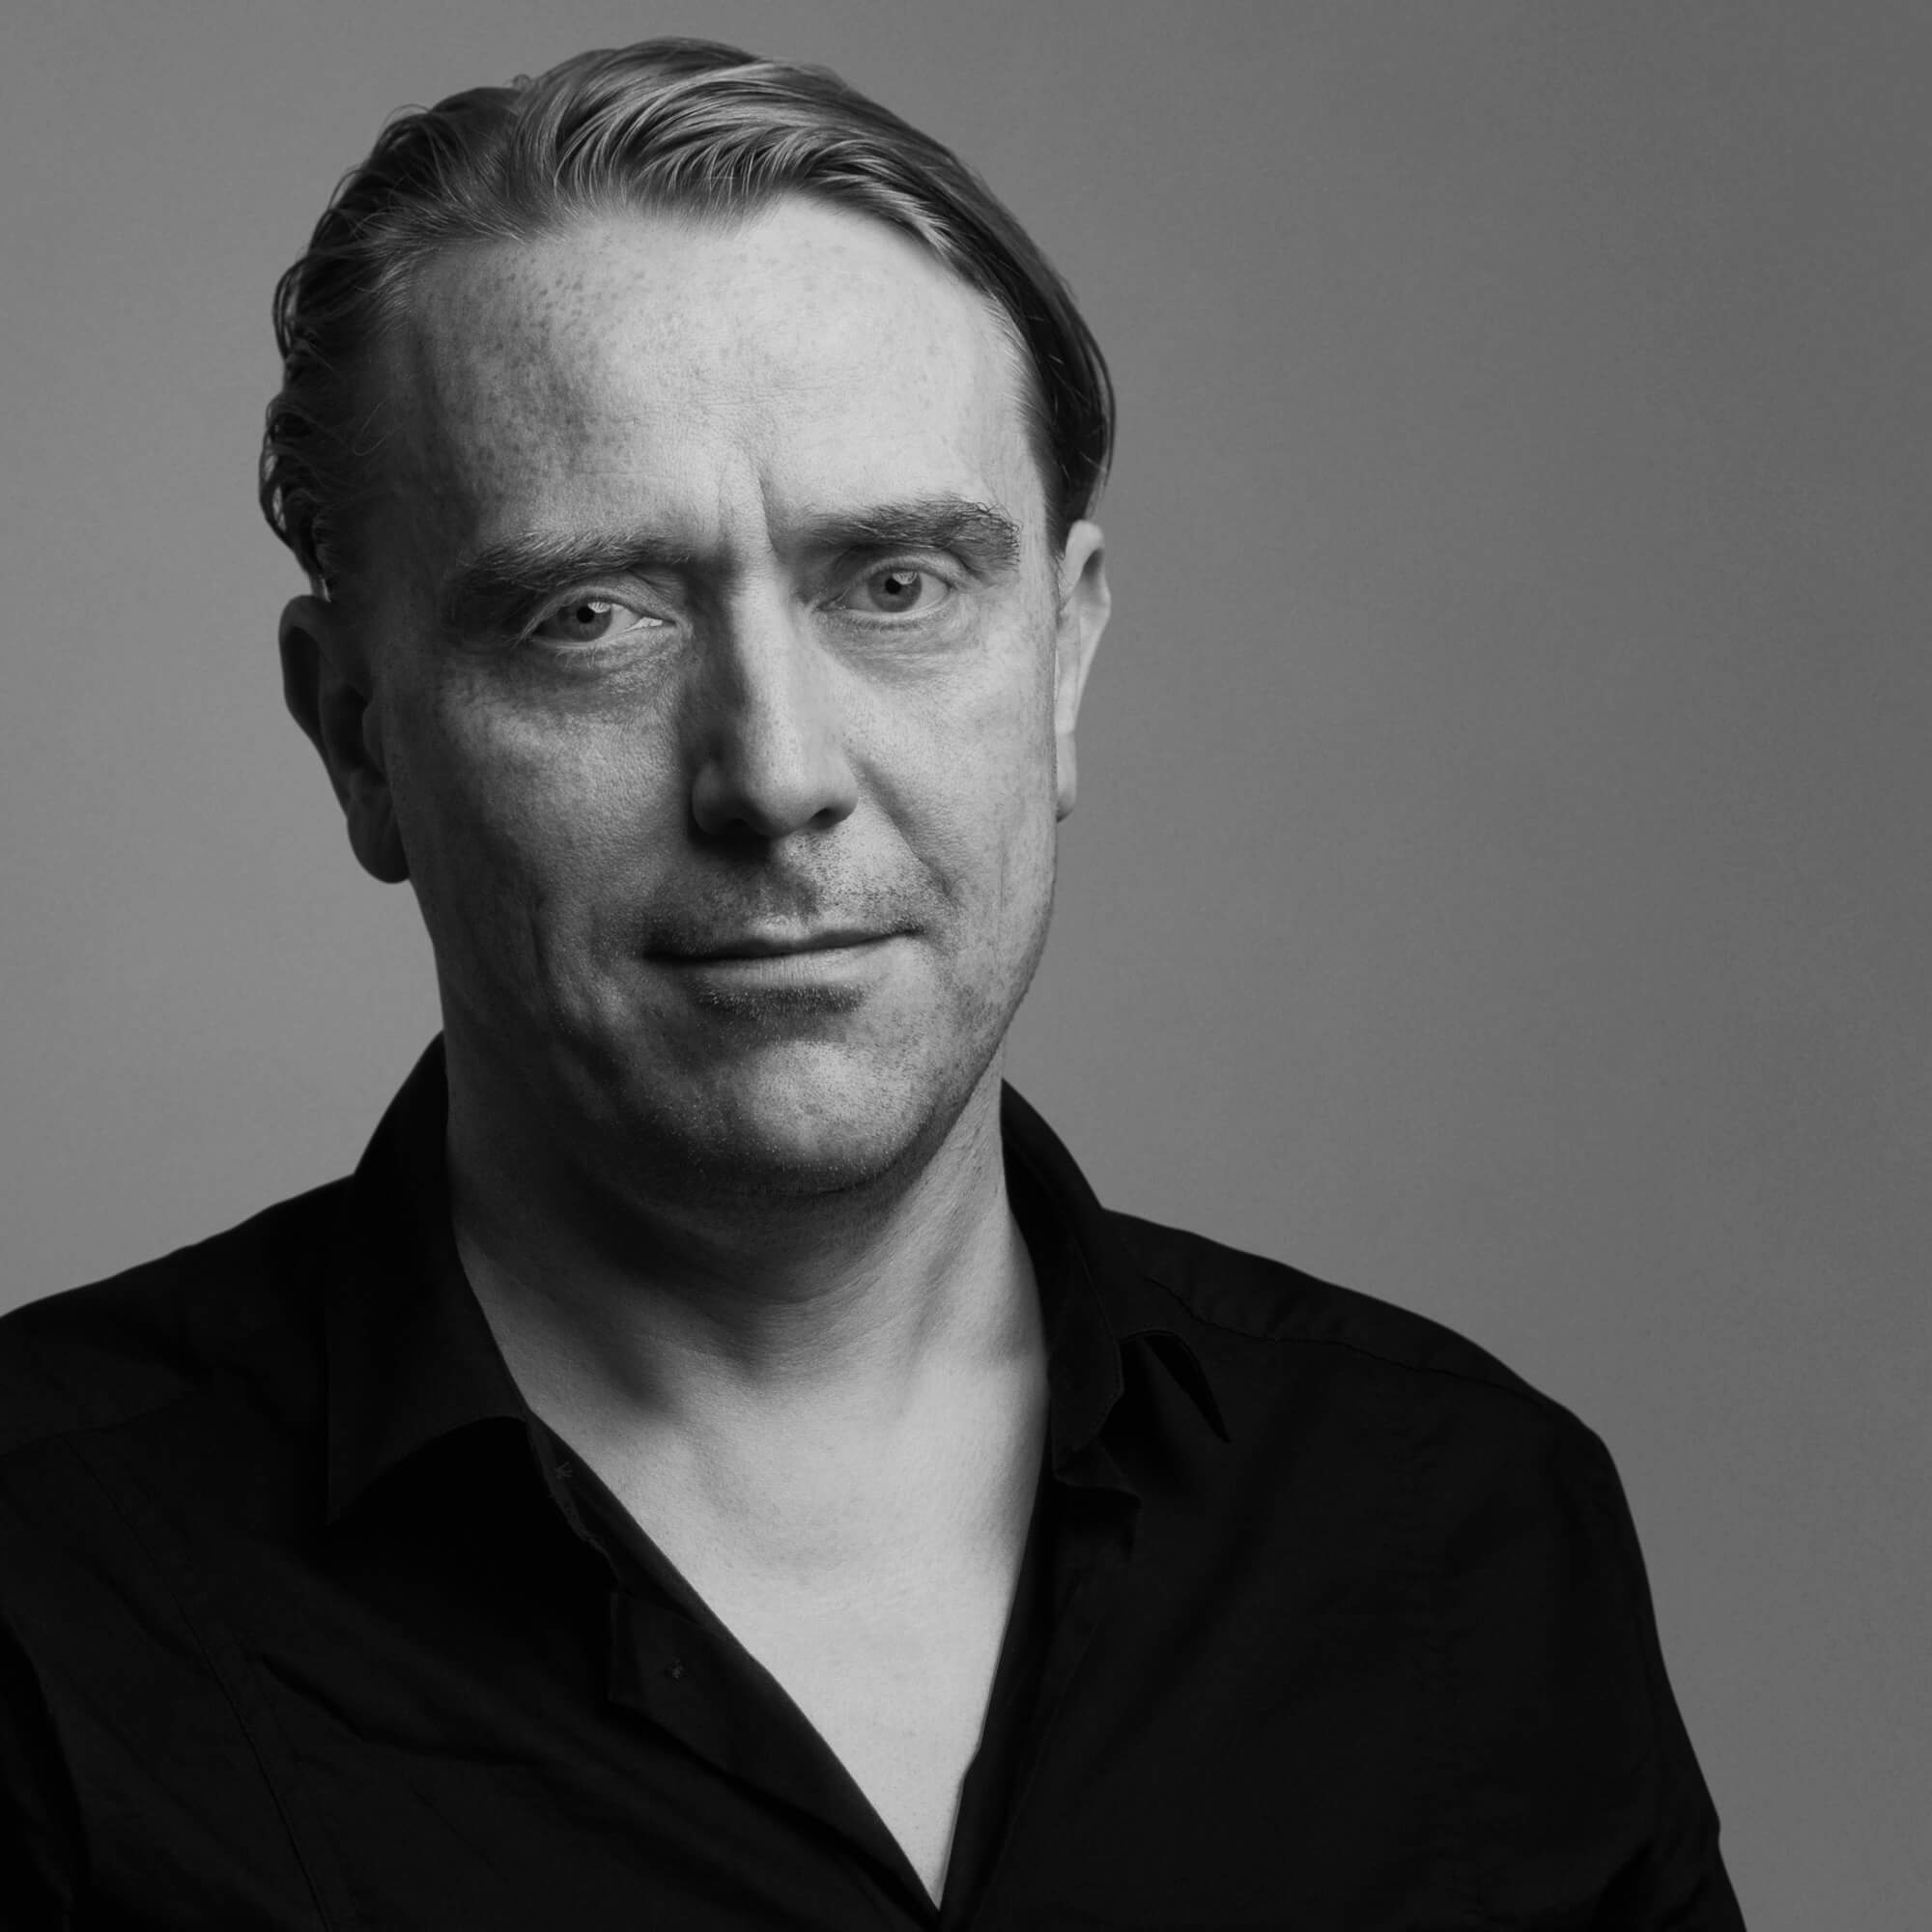 Dirk Uptmoor